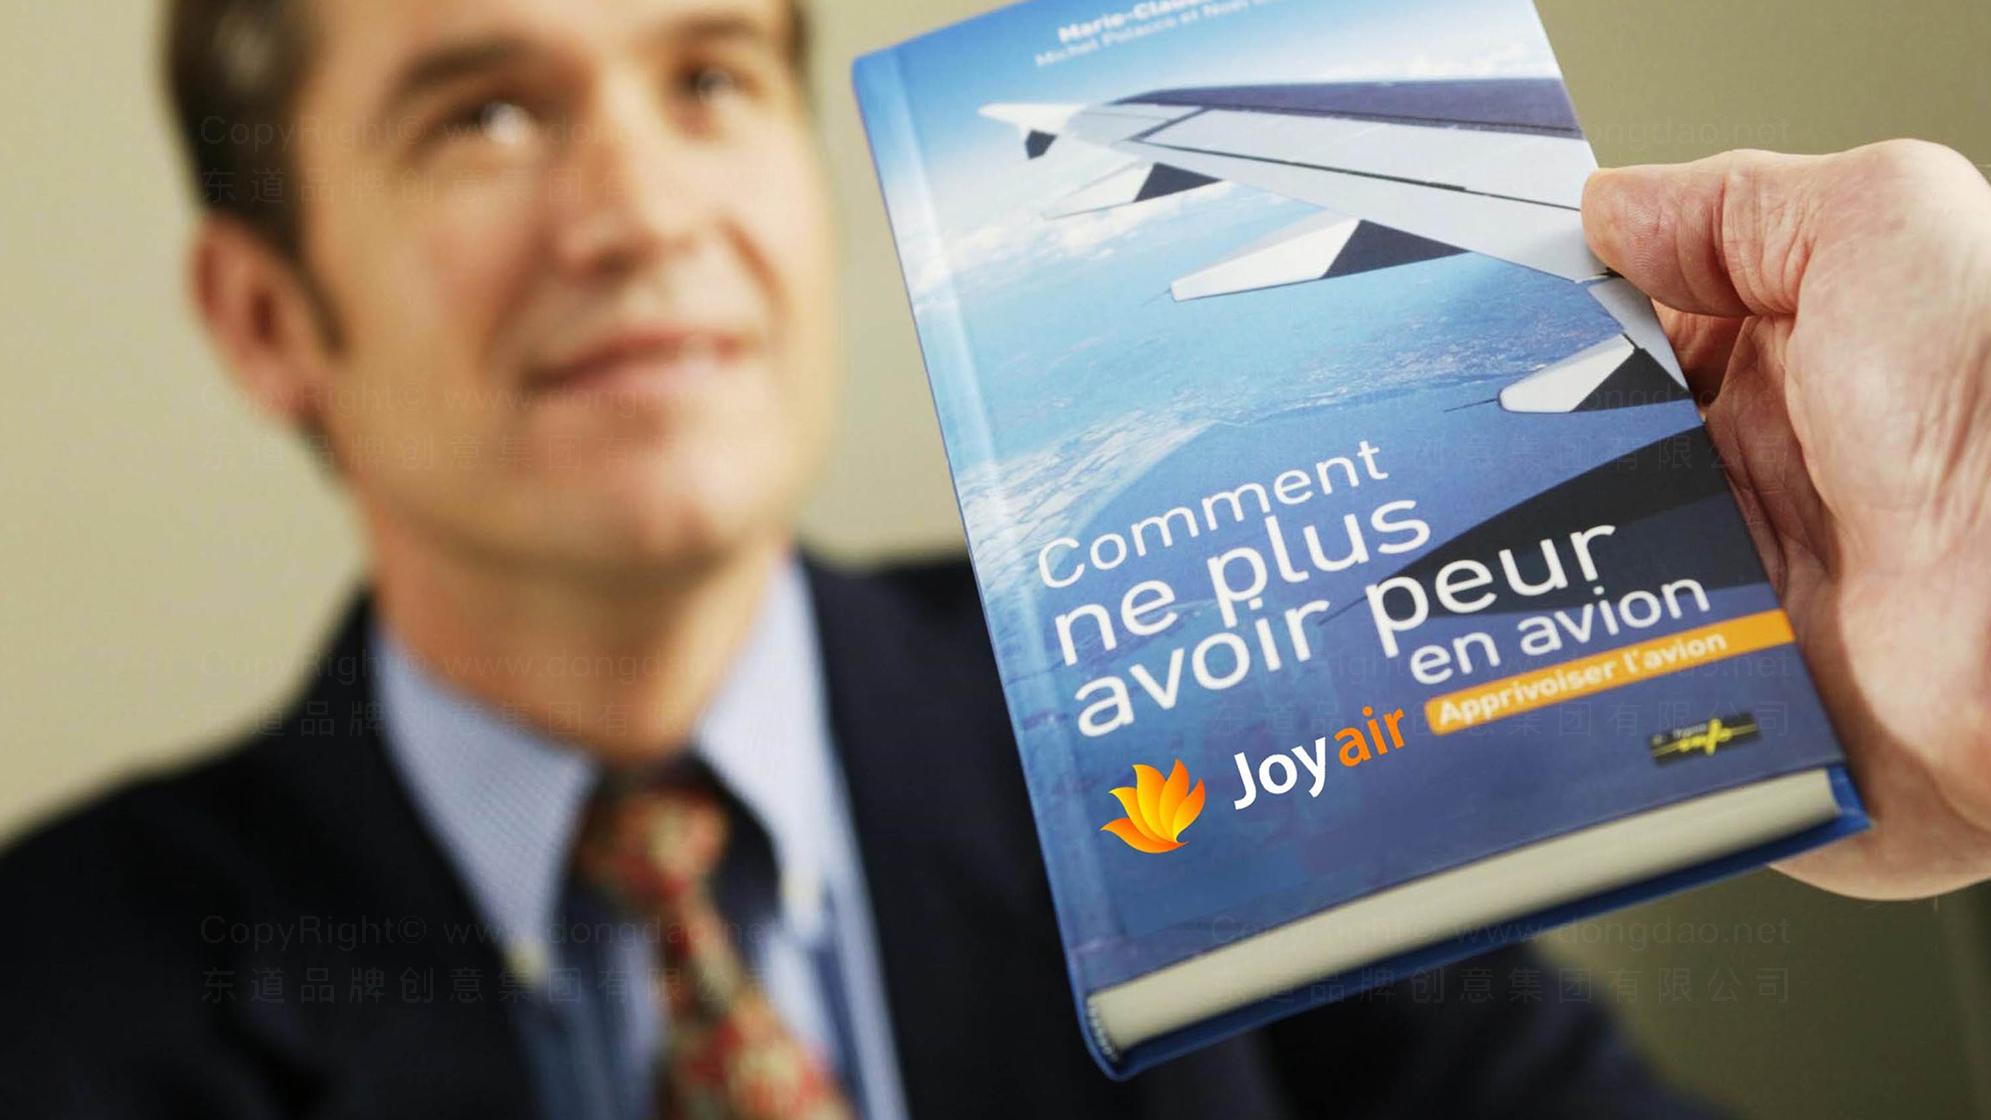 品牌设计幸福航空LOGO&VI设计应用场景_3